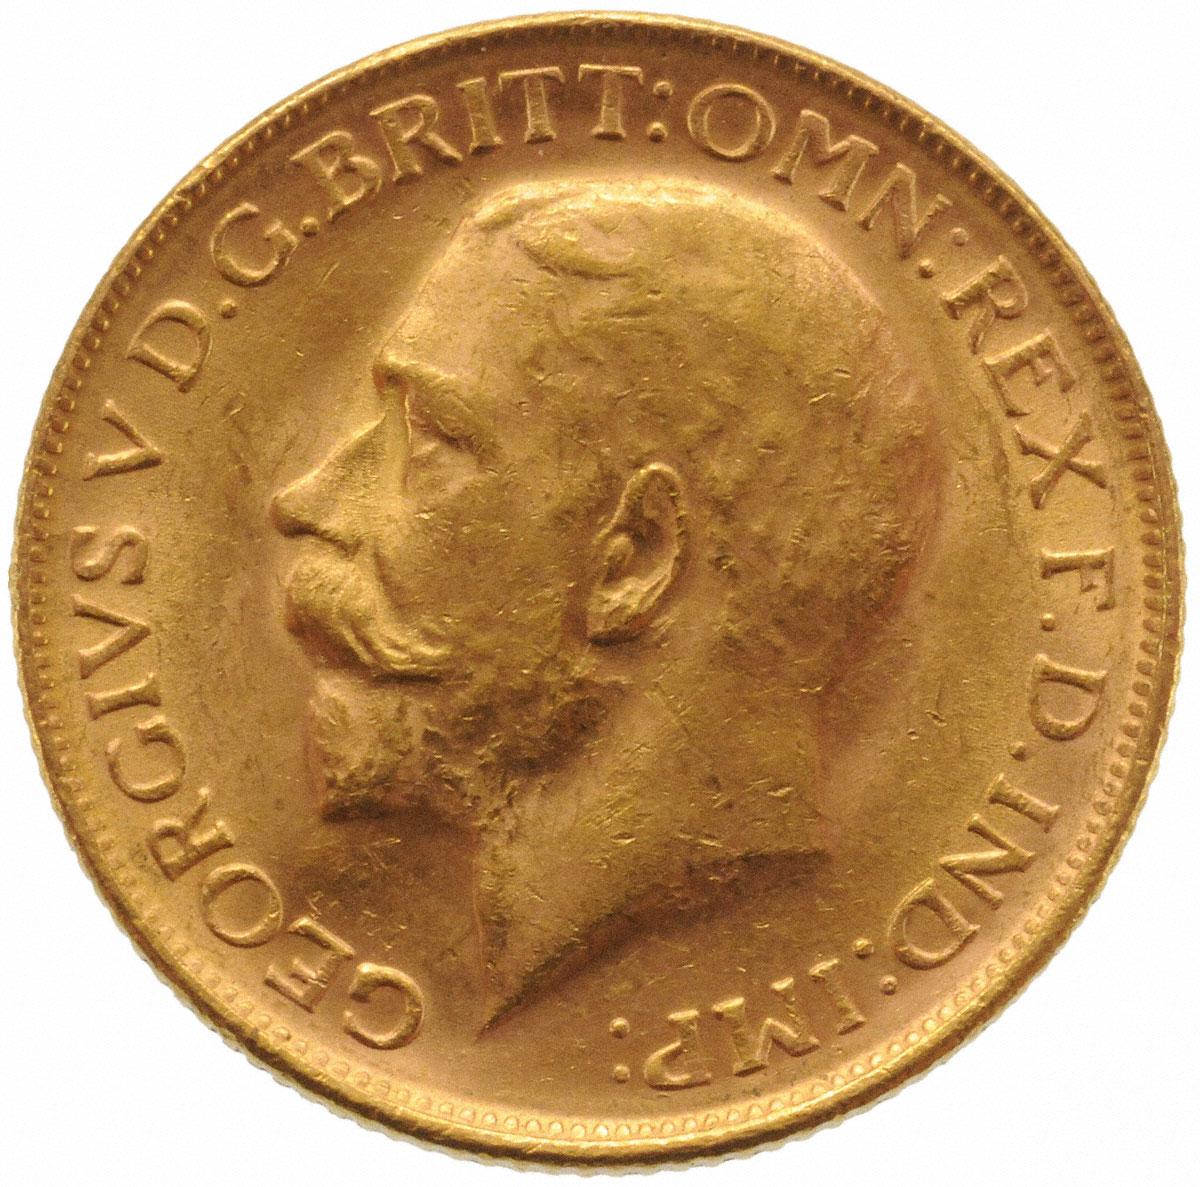 1914 Γεώργιος Ε' (Νομισματοκοπείο Μελβούρνης)